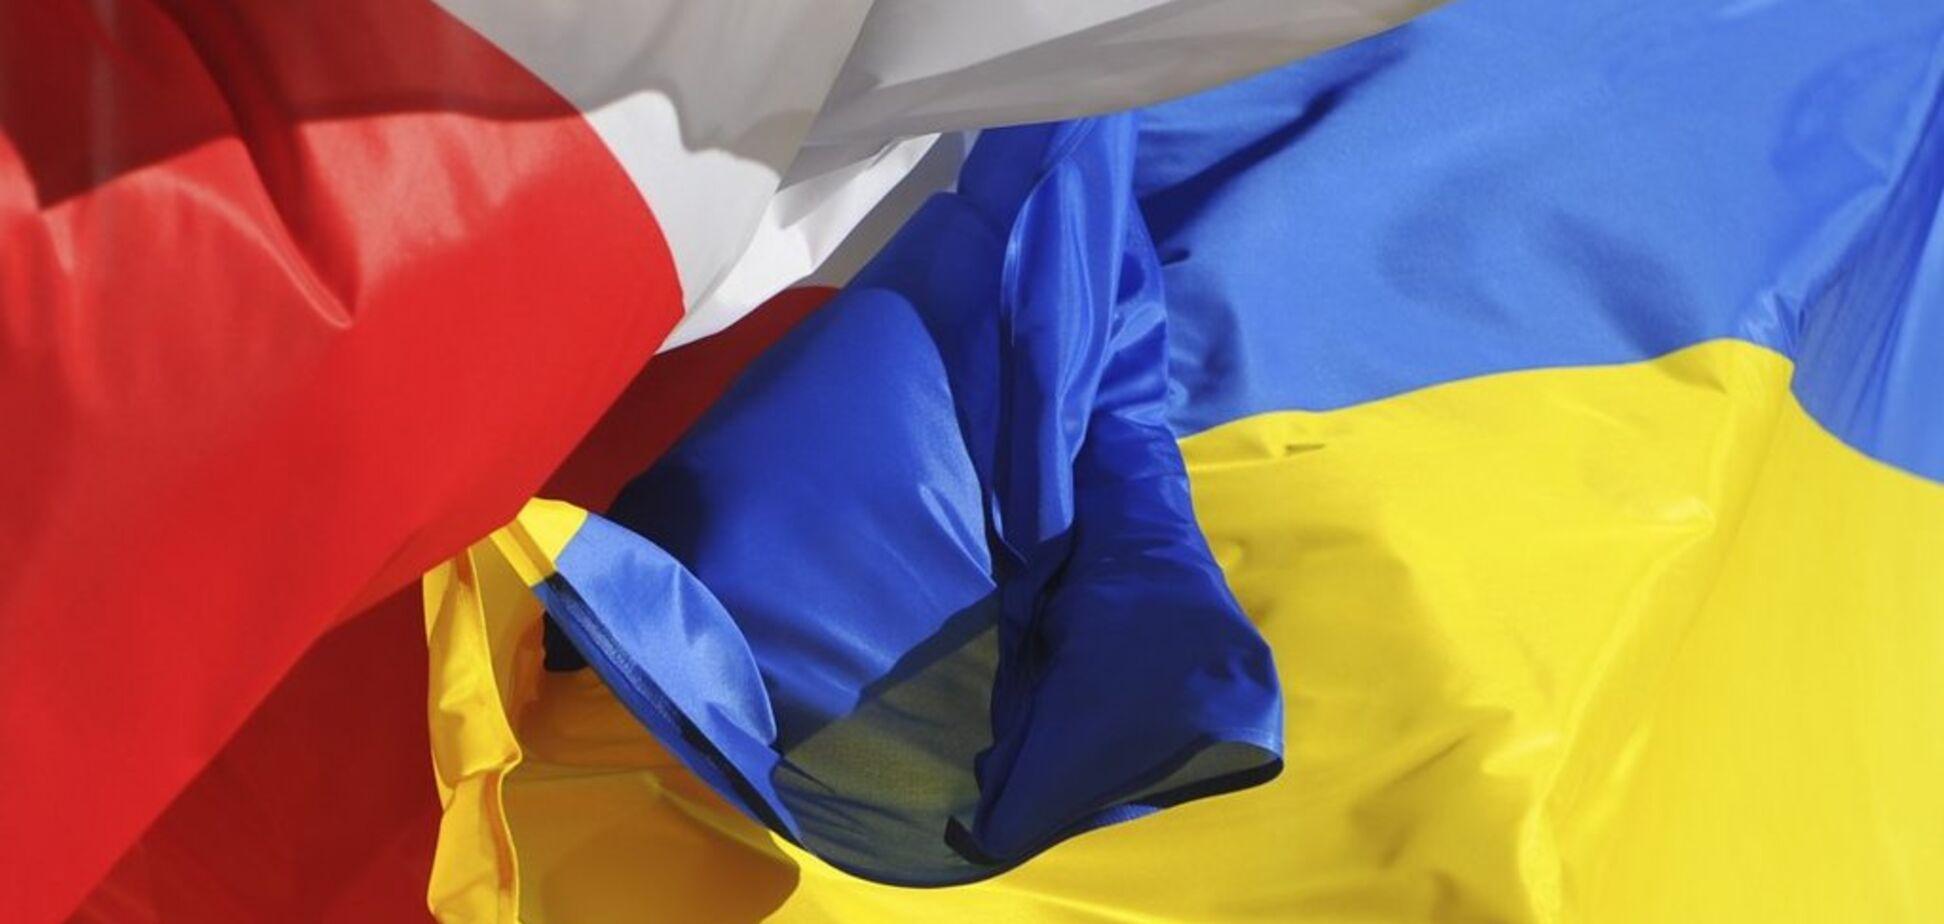 Ставка на ВТС с Польшей. Как Украине купировать Путину ''хвост''